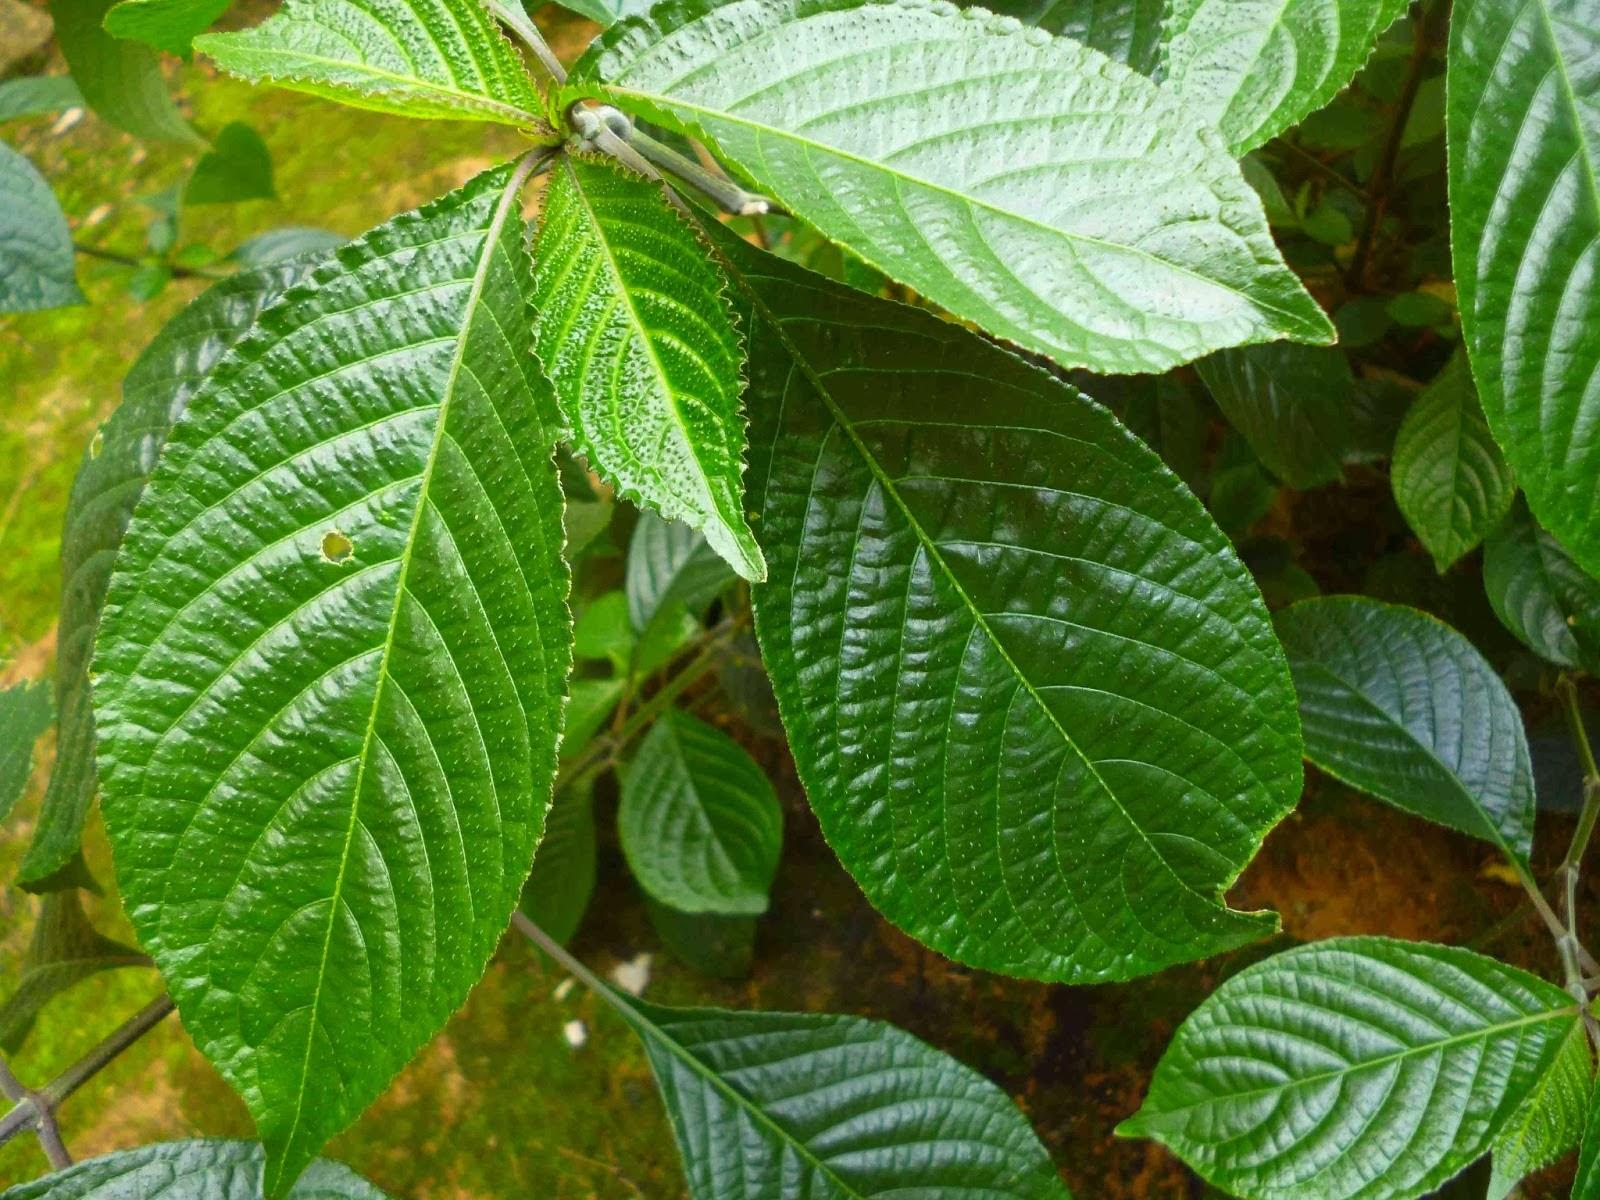 merupakan tanaman yang biasa dijadikan pagar atau pembatas antar kebun di pedesaan Manfaat Daun Keji Beling (Kembang Bugang) Bagi Kesehatan